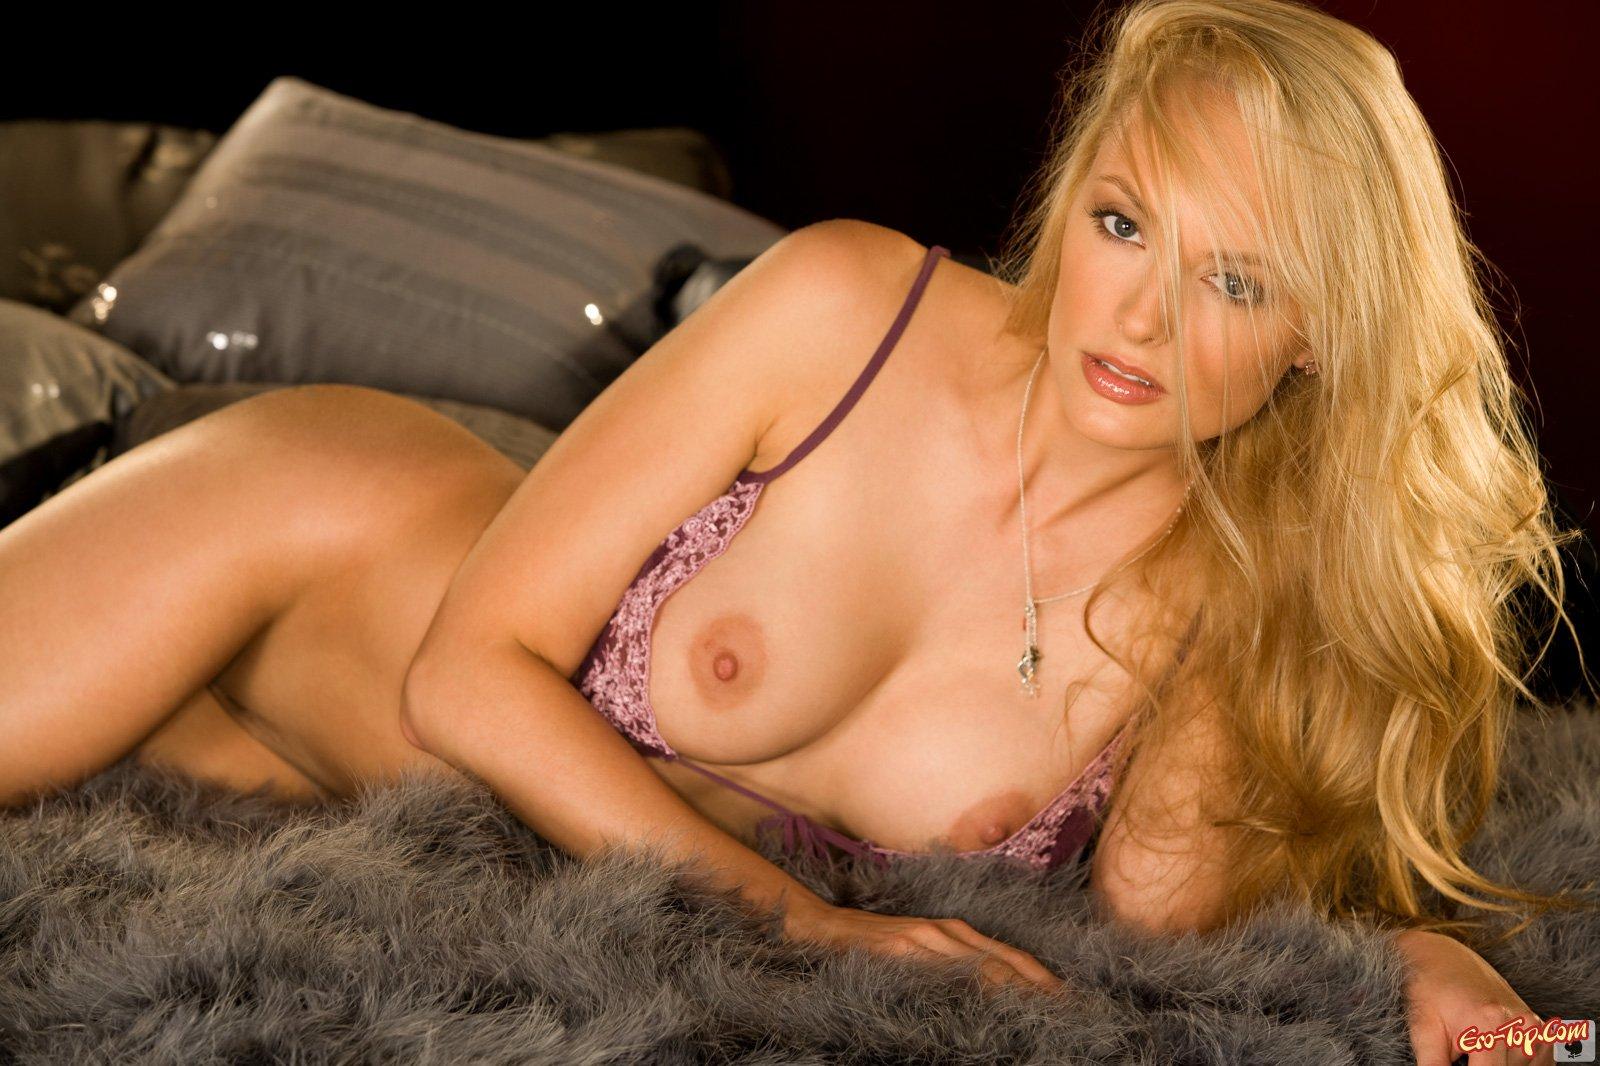 Рейтинг порнозвёзд (Топ-25 актрис + Фото)